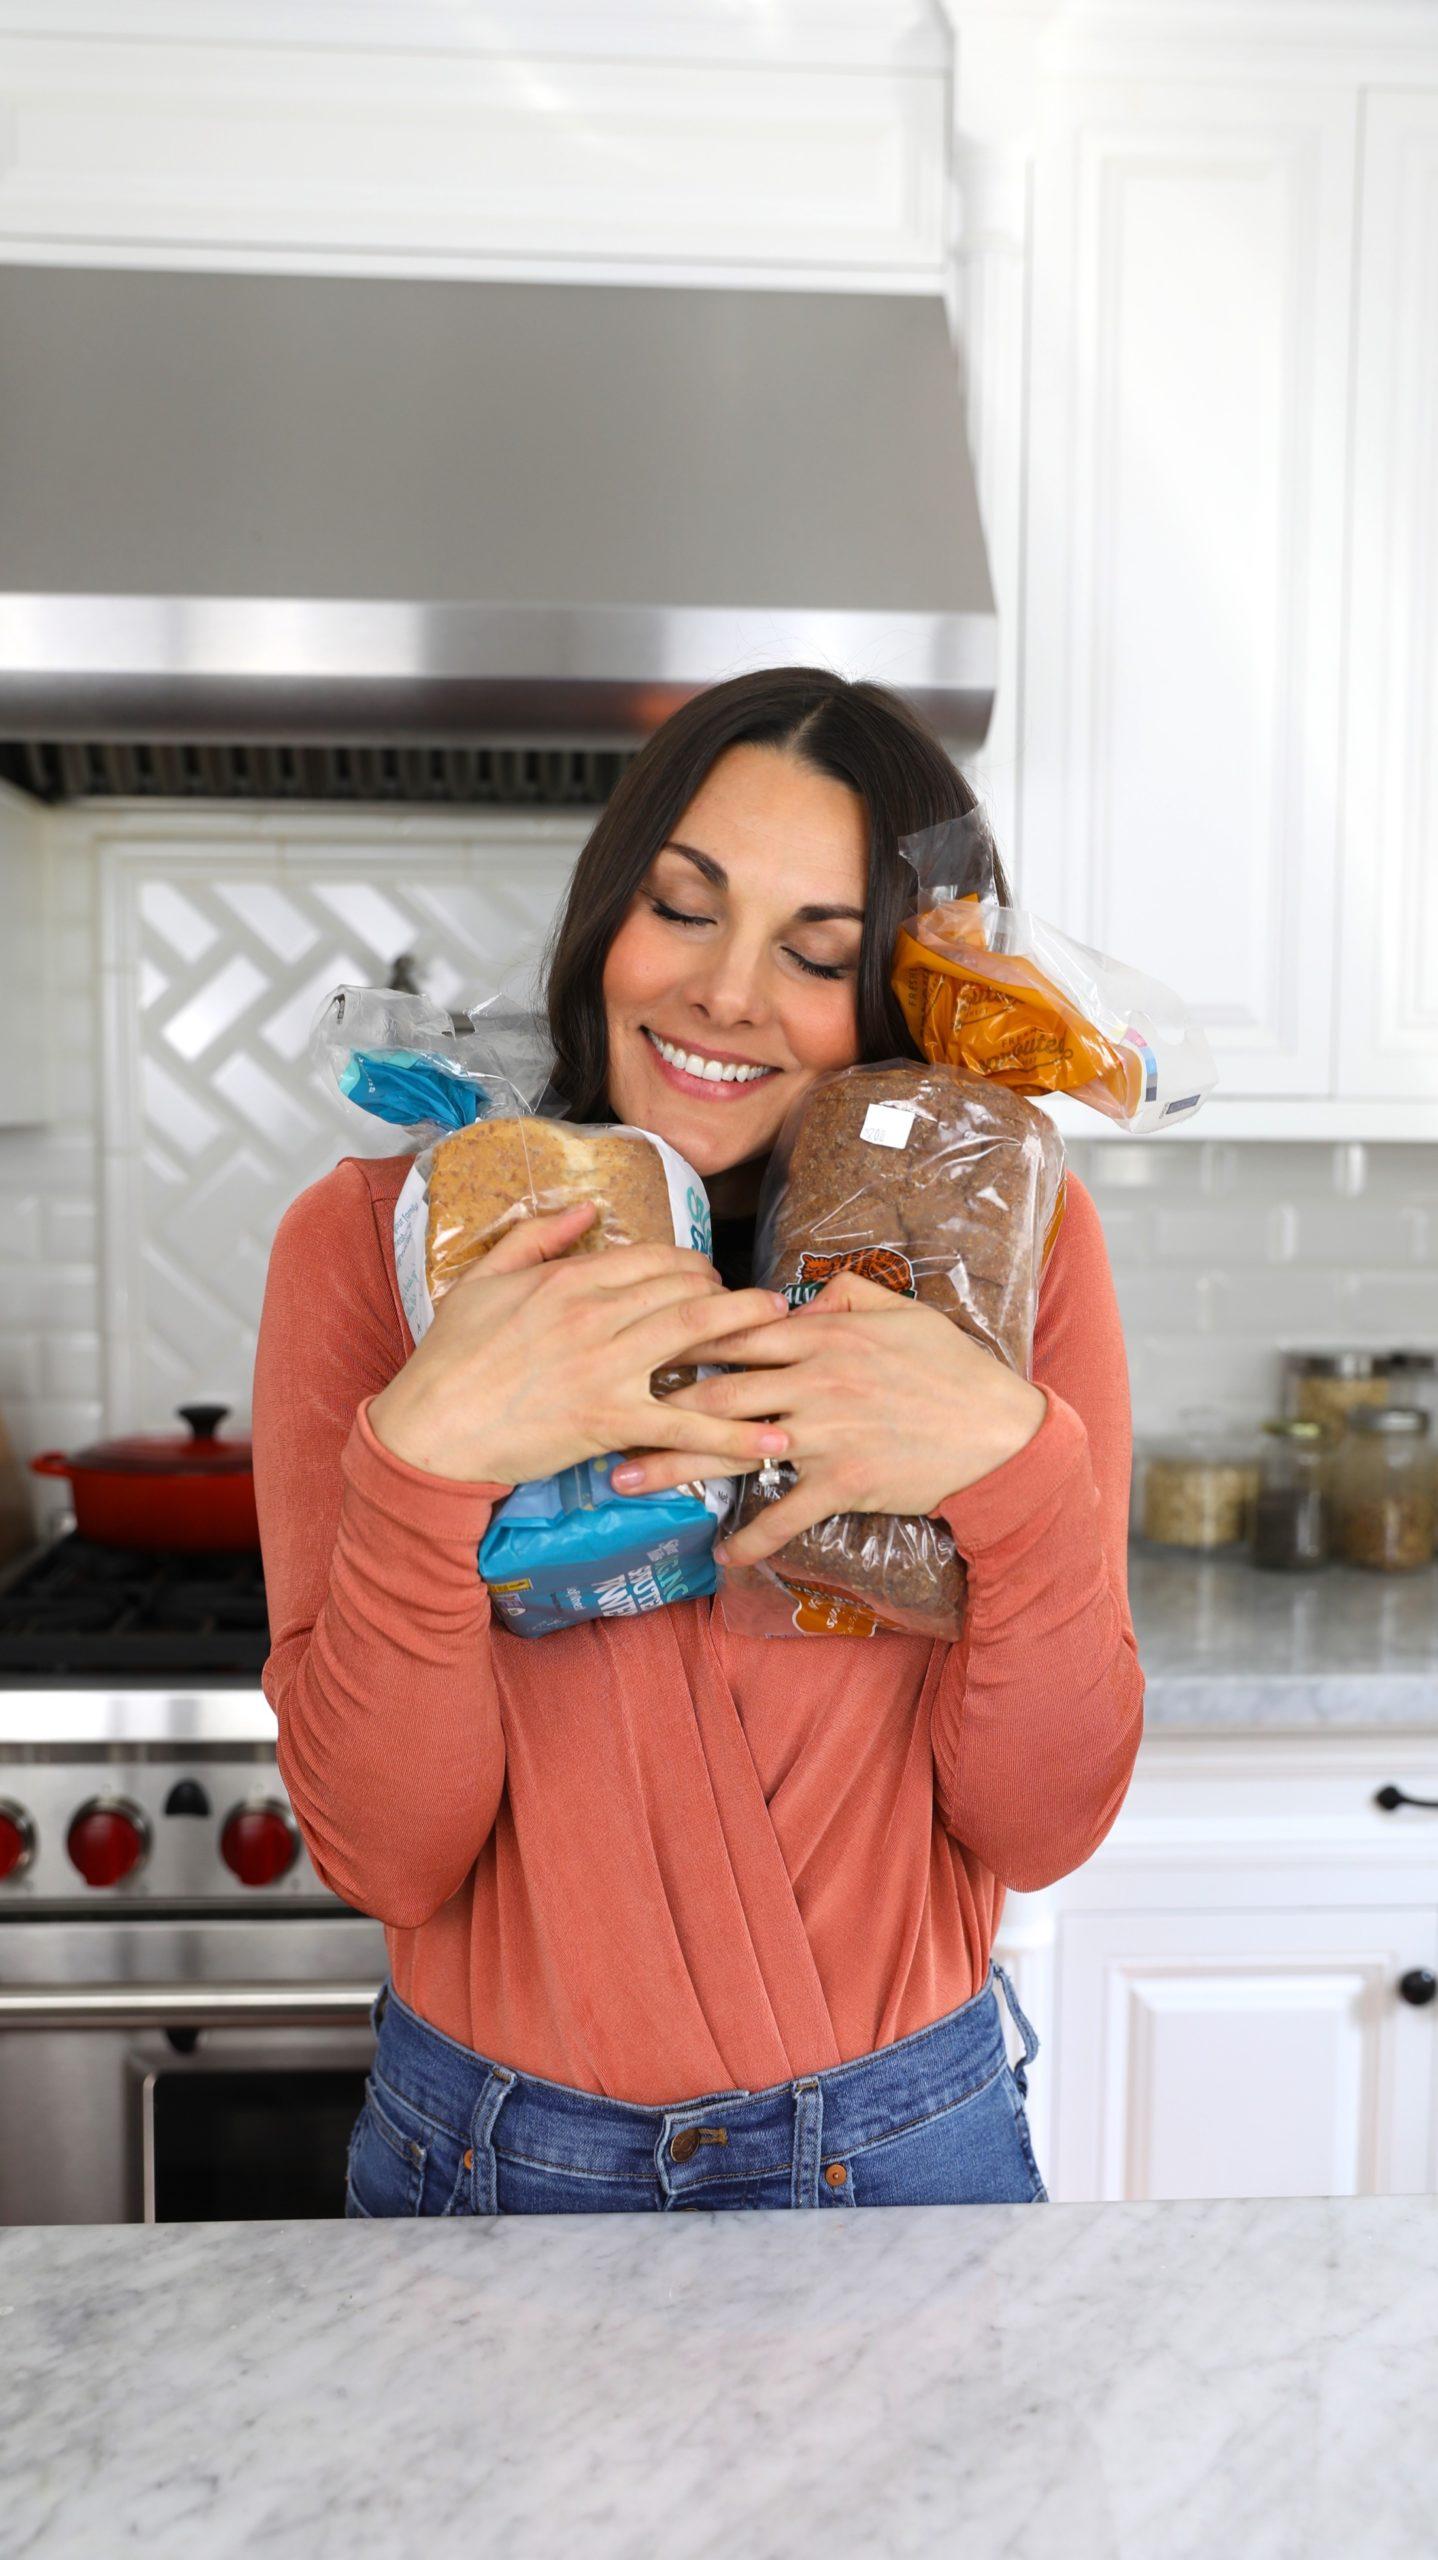 hugging bread